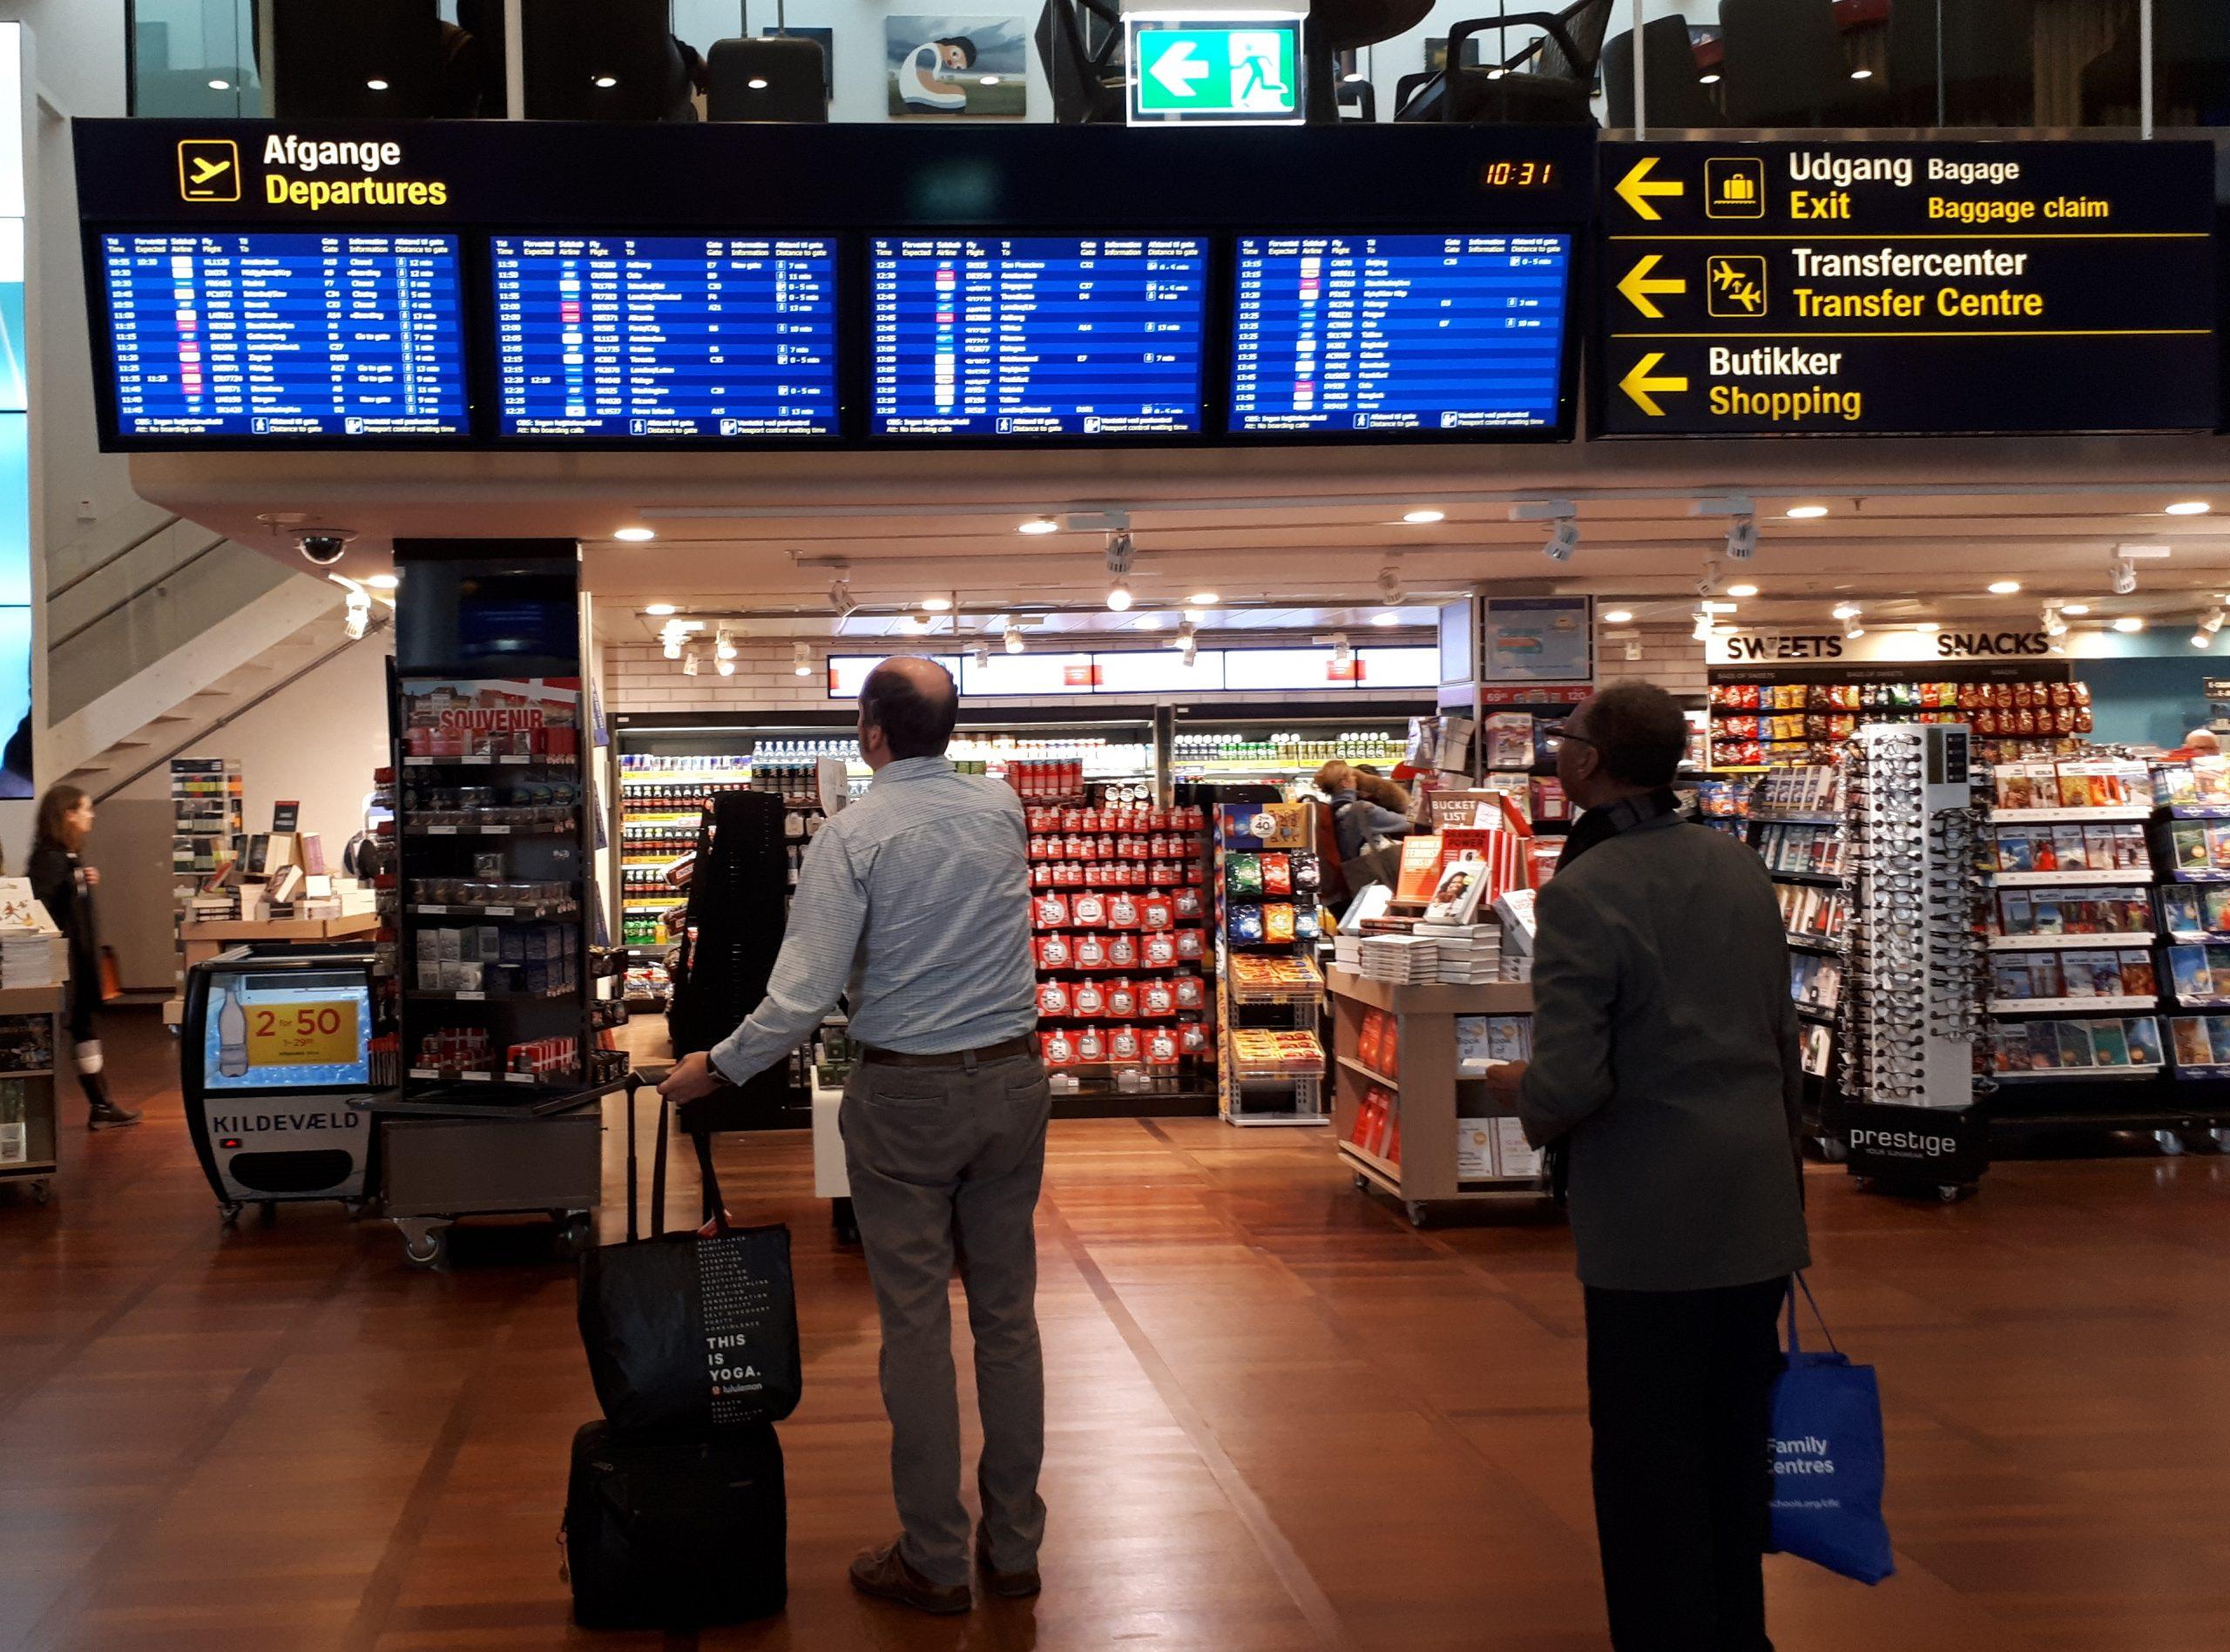 Erhvervsrejsebureauer og travel managers vil gerne have så mange relevante priser som muligt til deres rejsende – men der er udfordringen med, at der findes forskellige billetpriser hos såvel reservationssystemerne som hos de flyselskaber, der har koblet sig på NDC-systemet. Foto: Henrik Baumgarten.